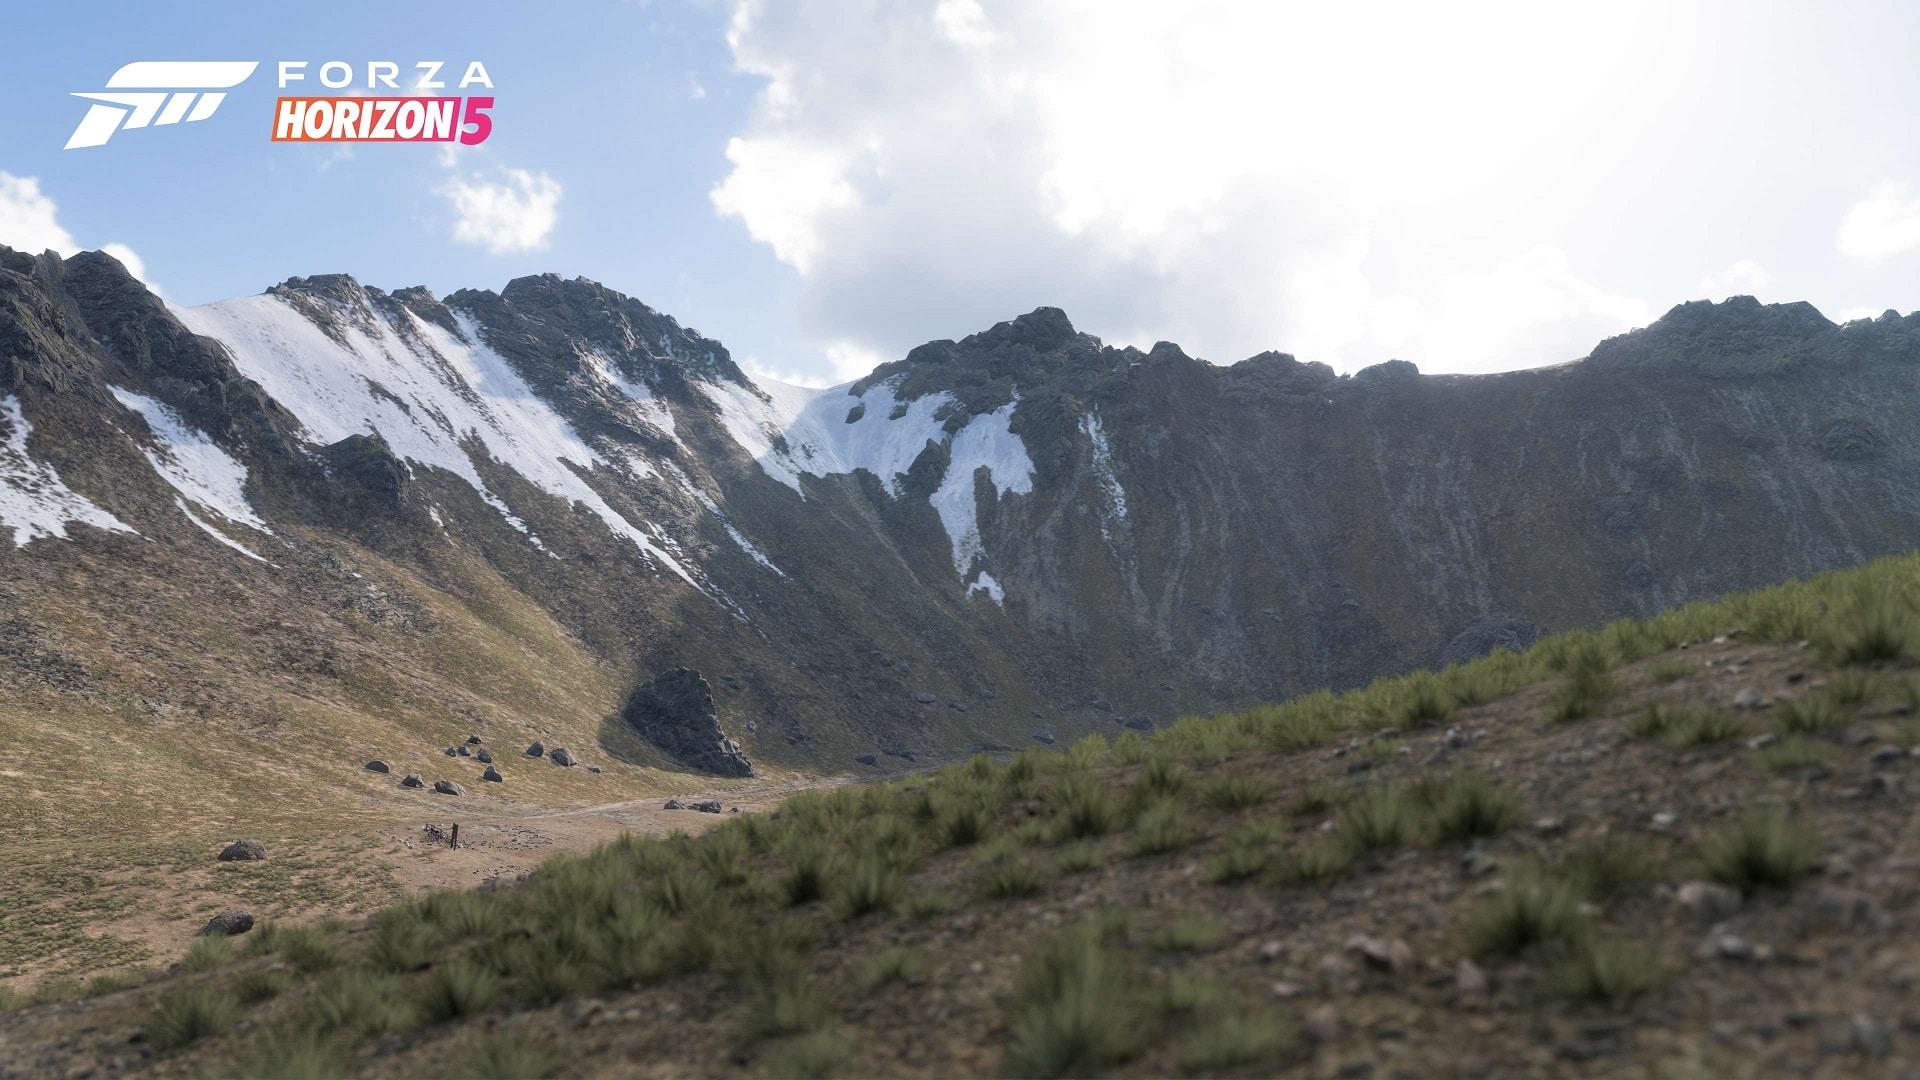 forza horizon 5 biomes volcano peak